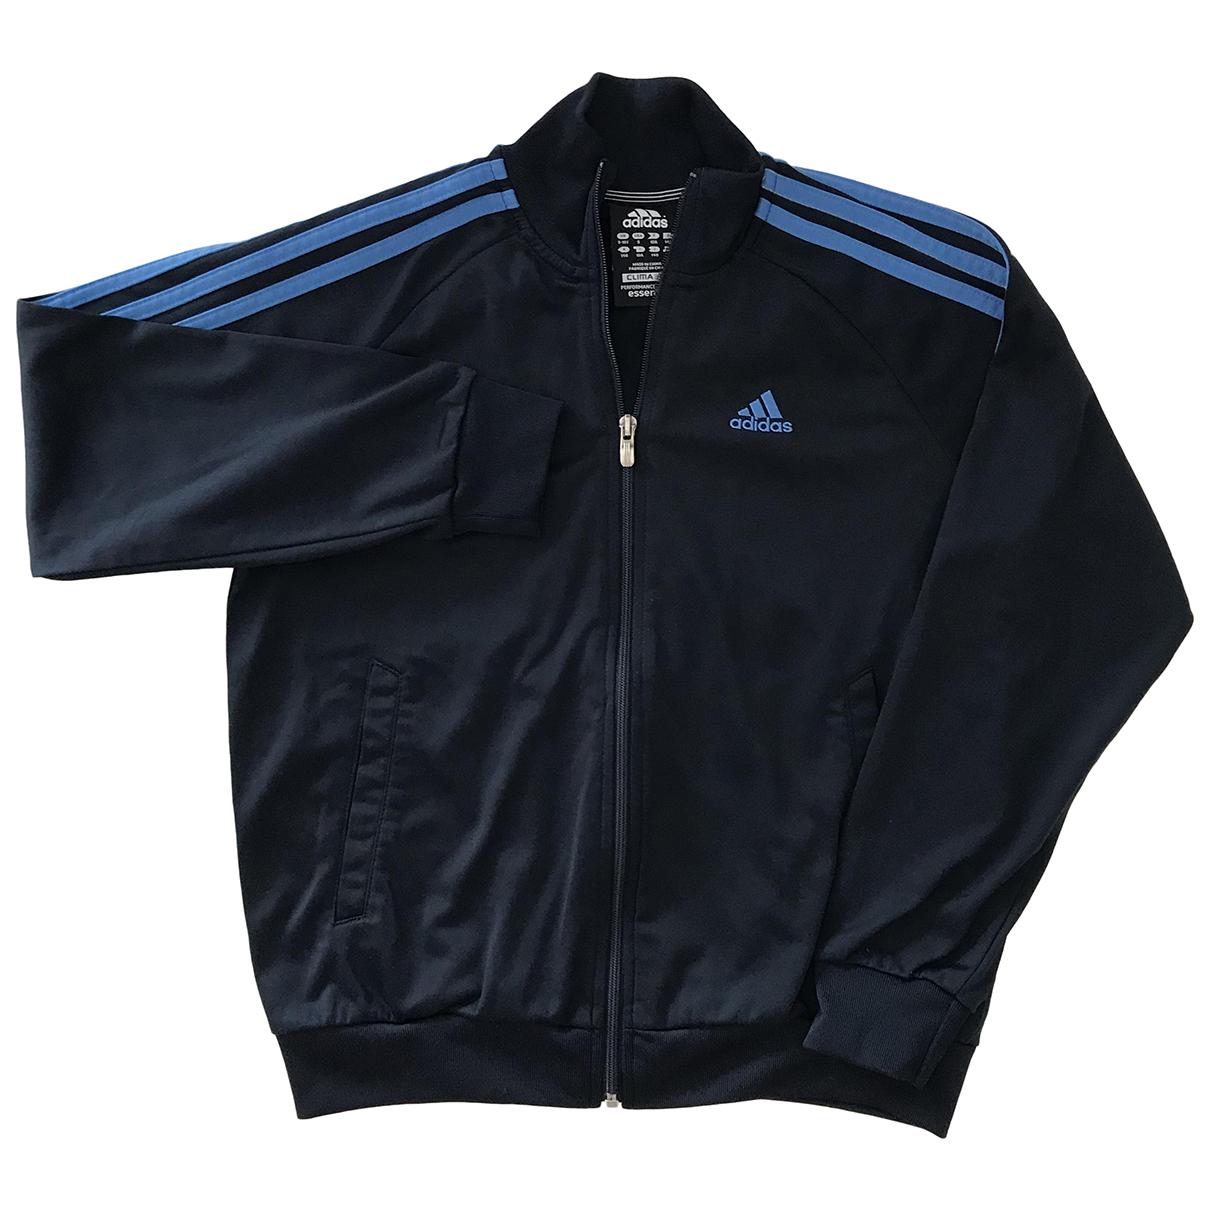 Adidas - Blousons.Manteaux   pour enfant - bleu